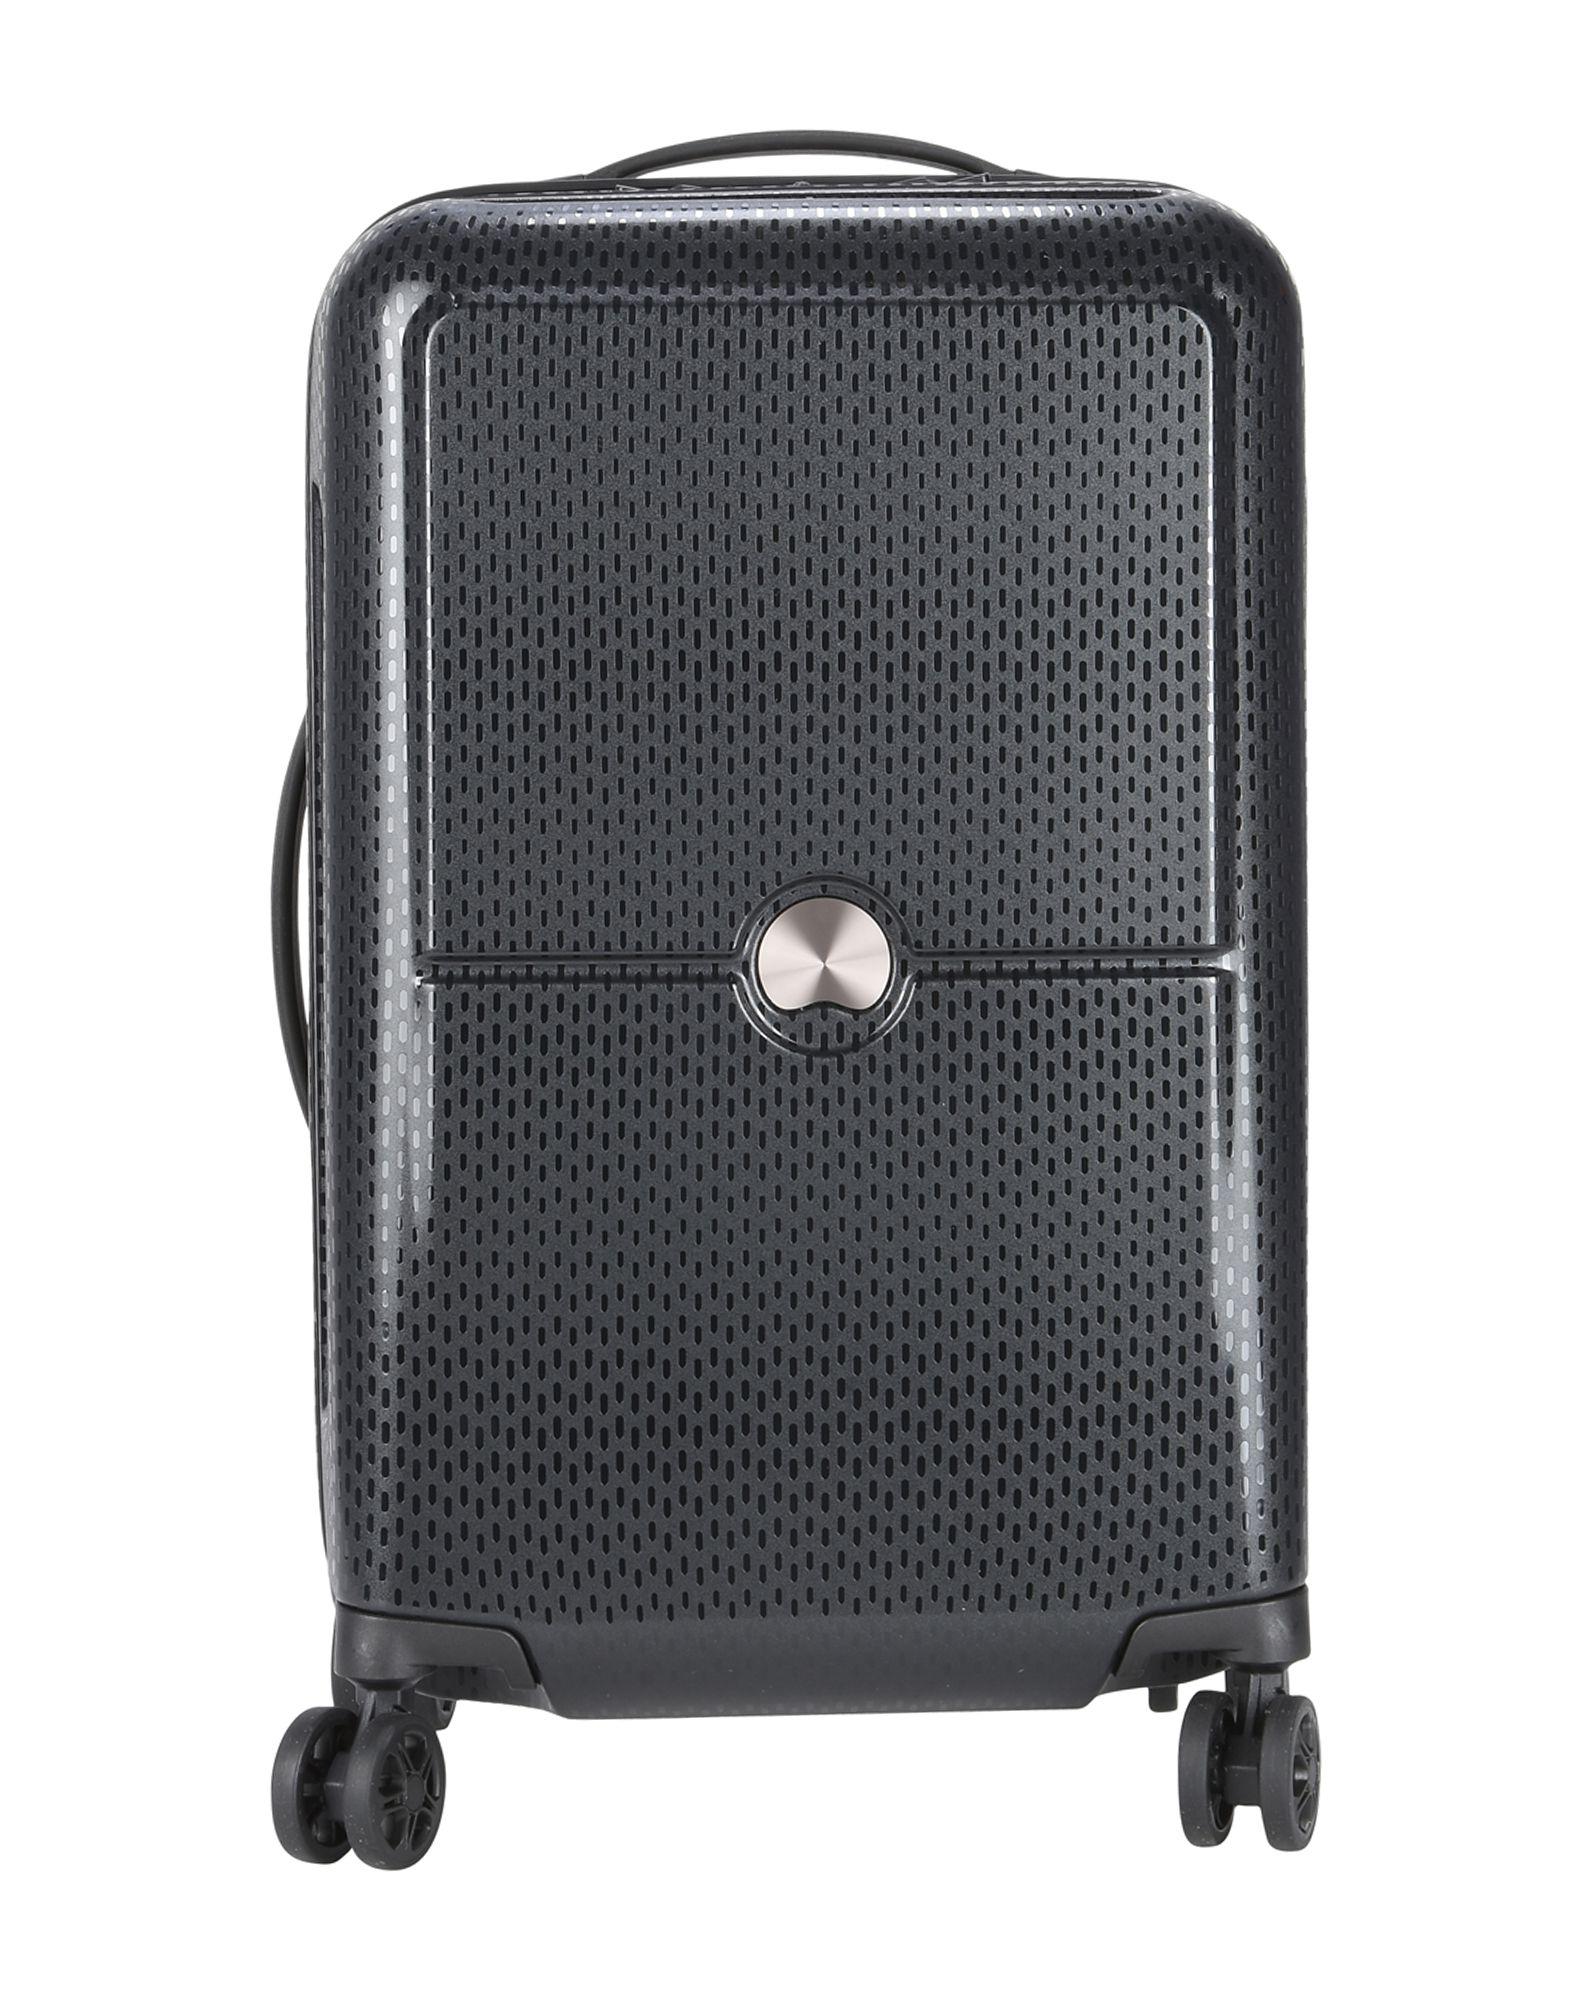 DELSEY Чемодан/сумка на колесиках чемодан samsonite чемодан 55 см base boost